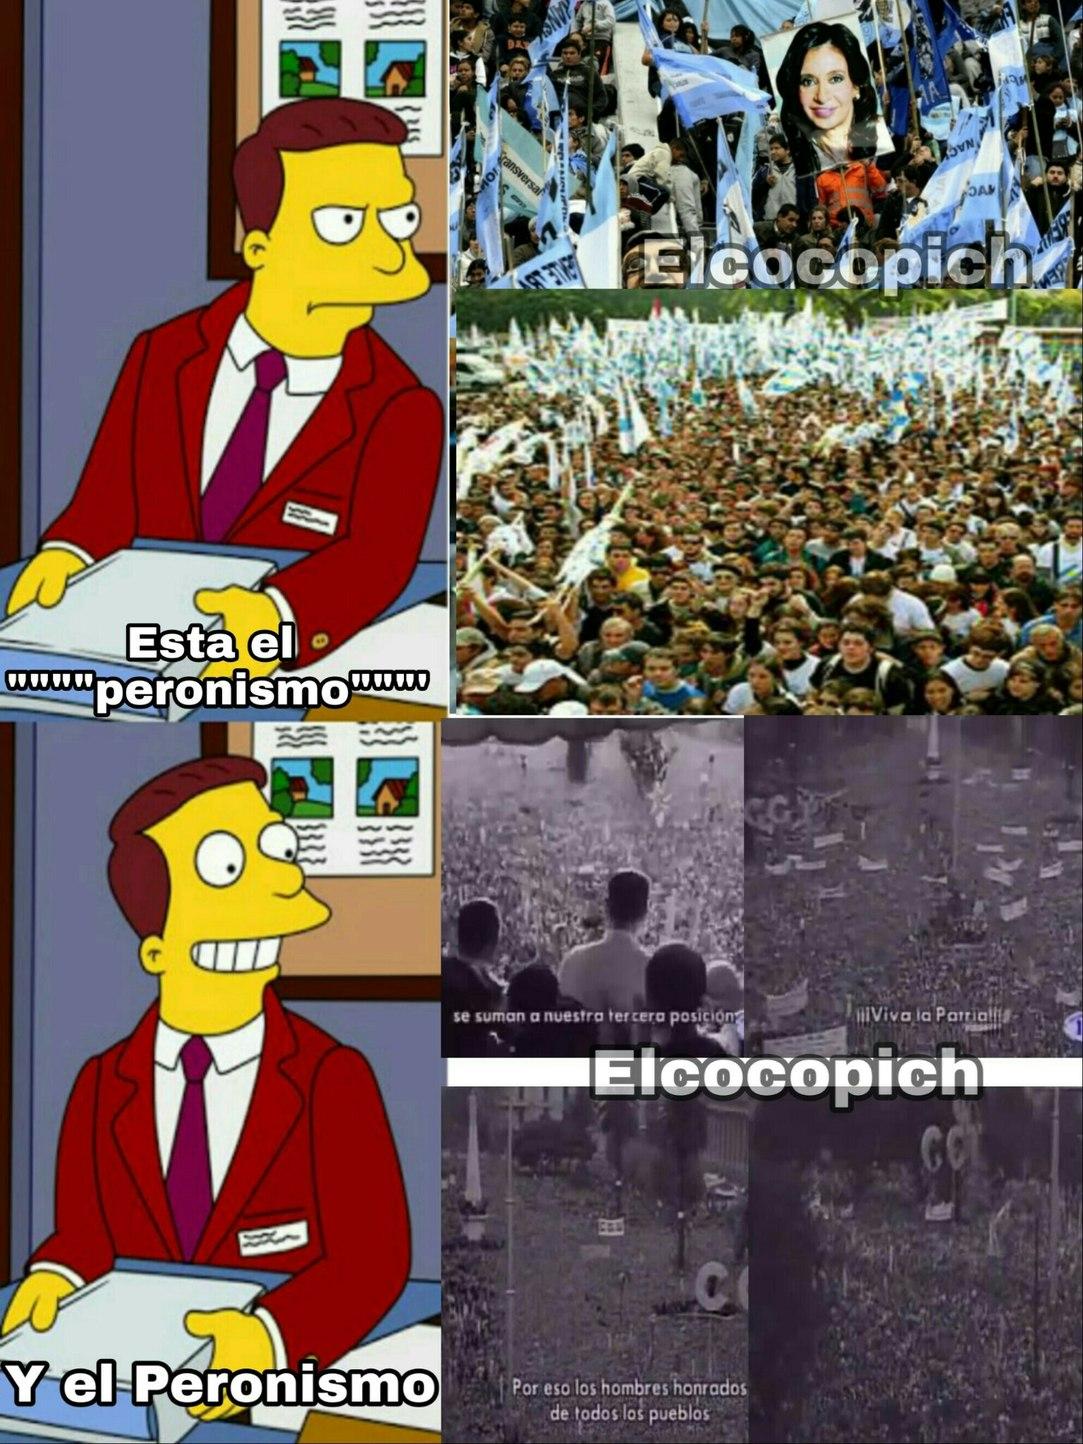 Millones de personas querían el verdadero peronismo - meme